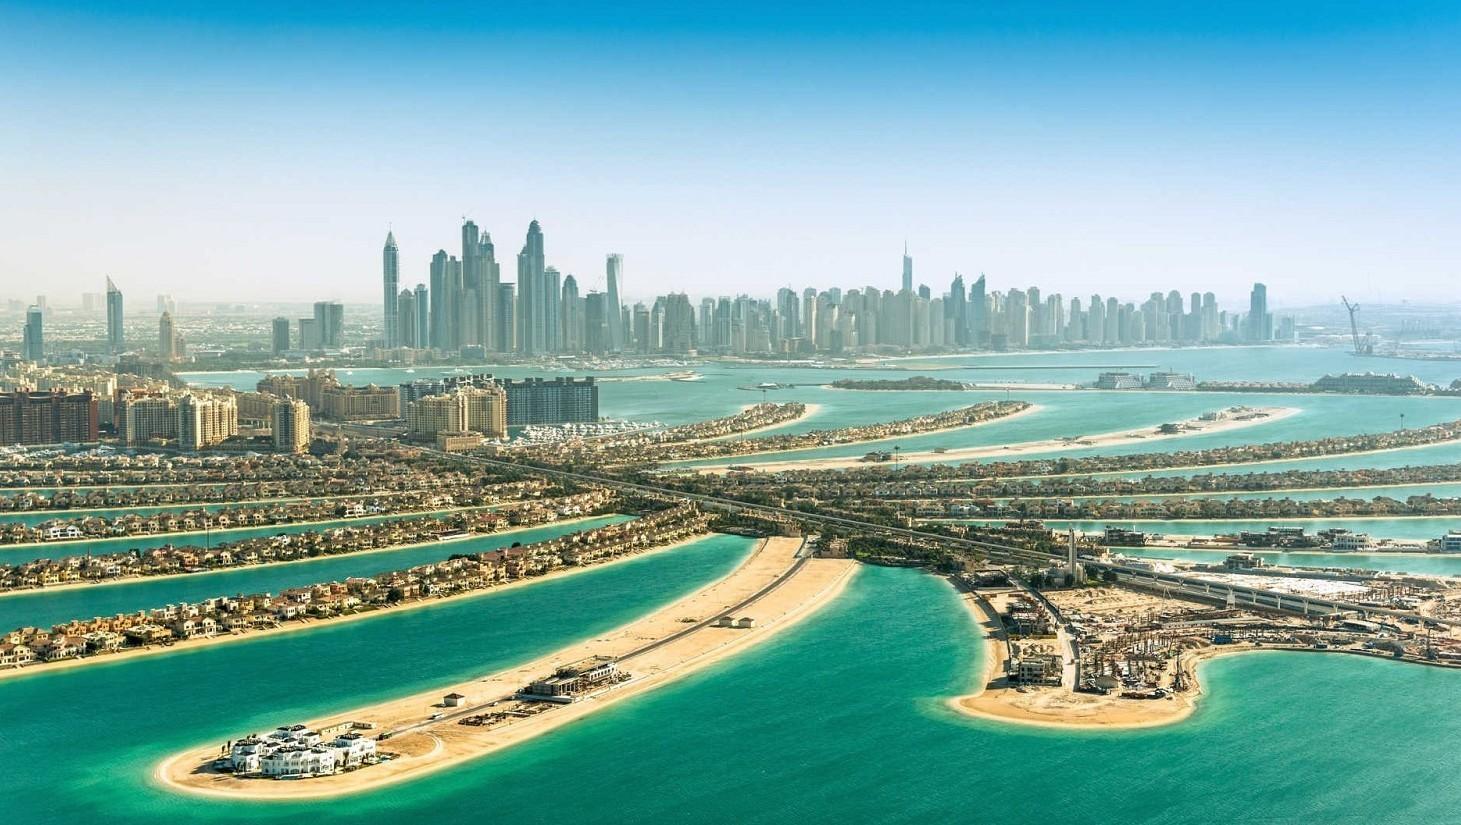 Azienda, offerta di lavoro a Dubai no co